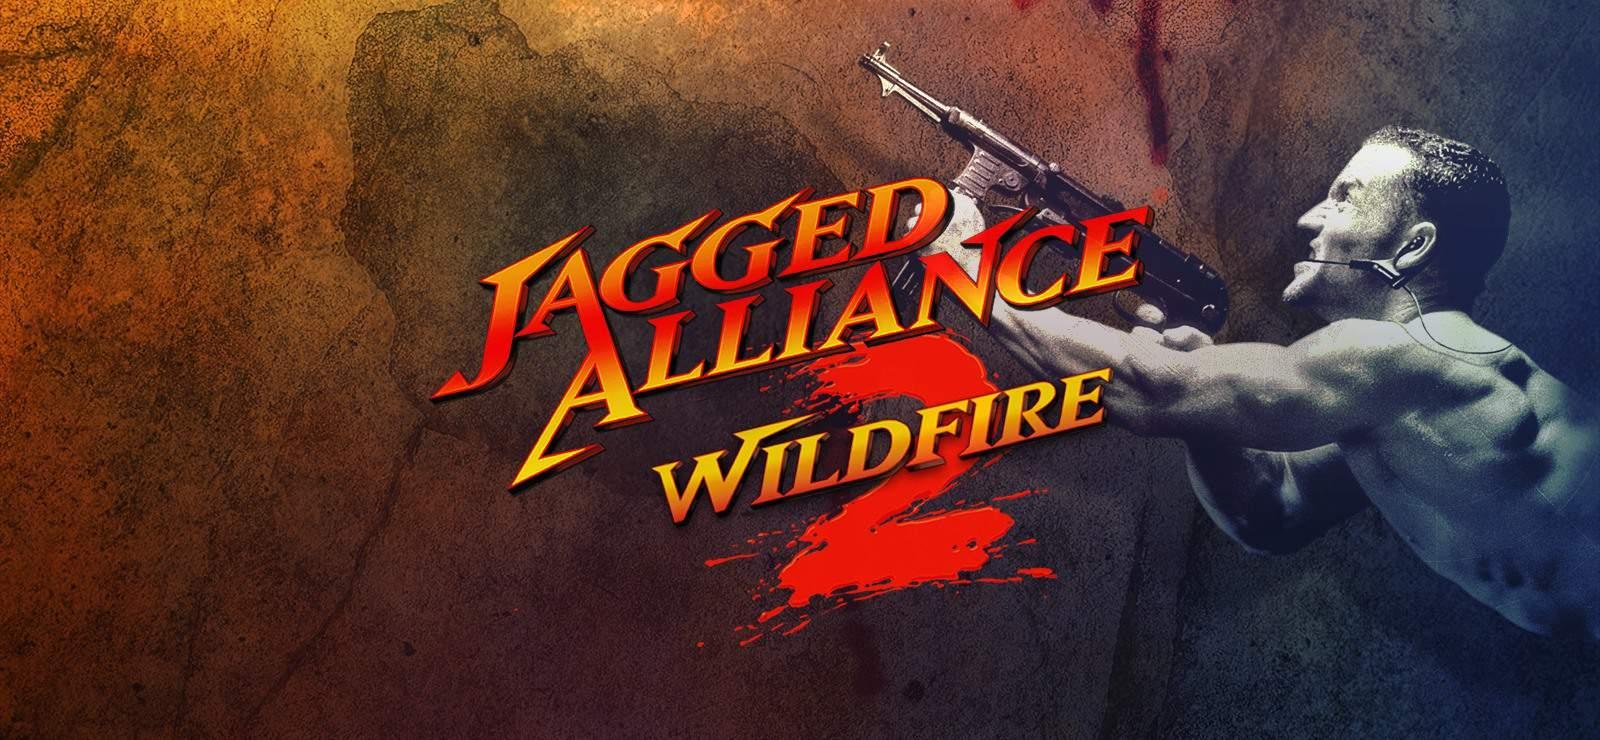 Jagged Alliance 2 Wildfire Frei PC Kostenlos Herunterladen